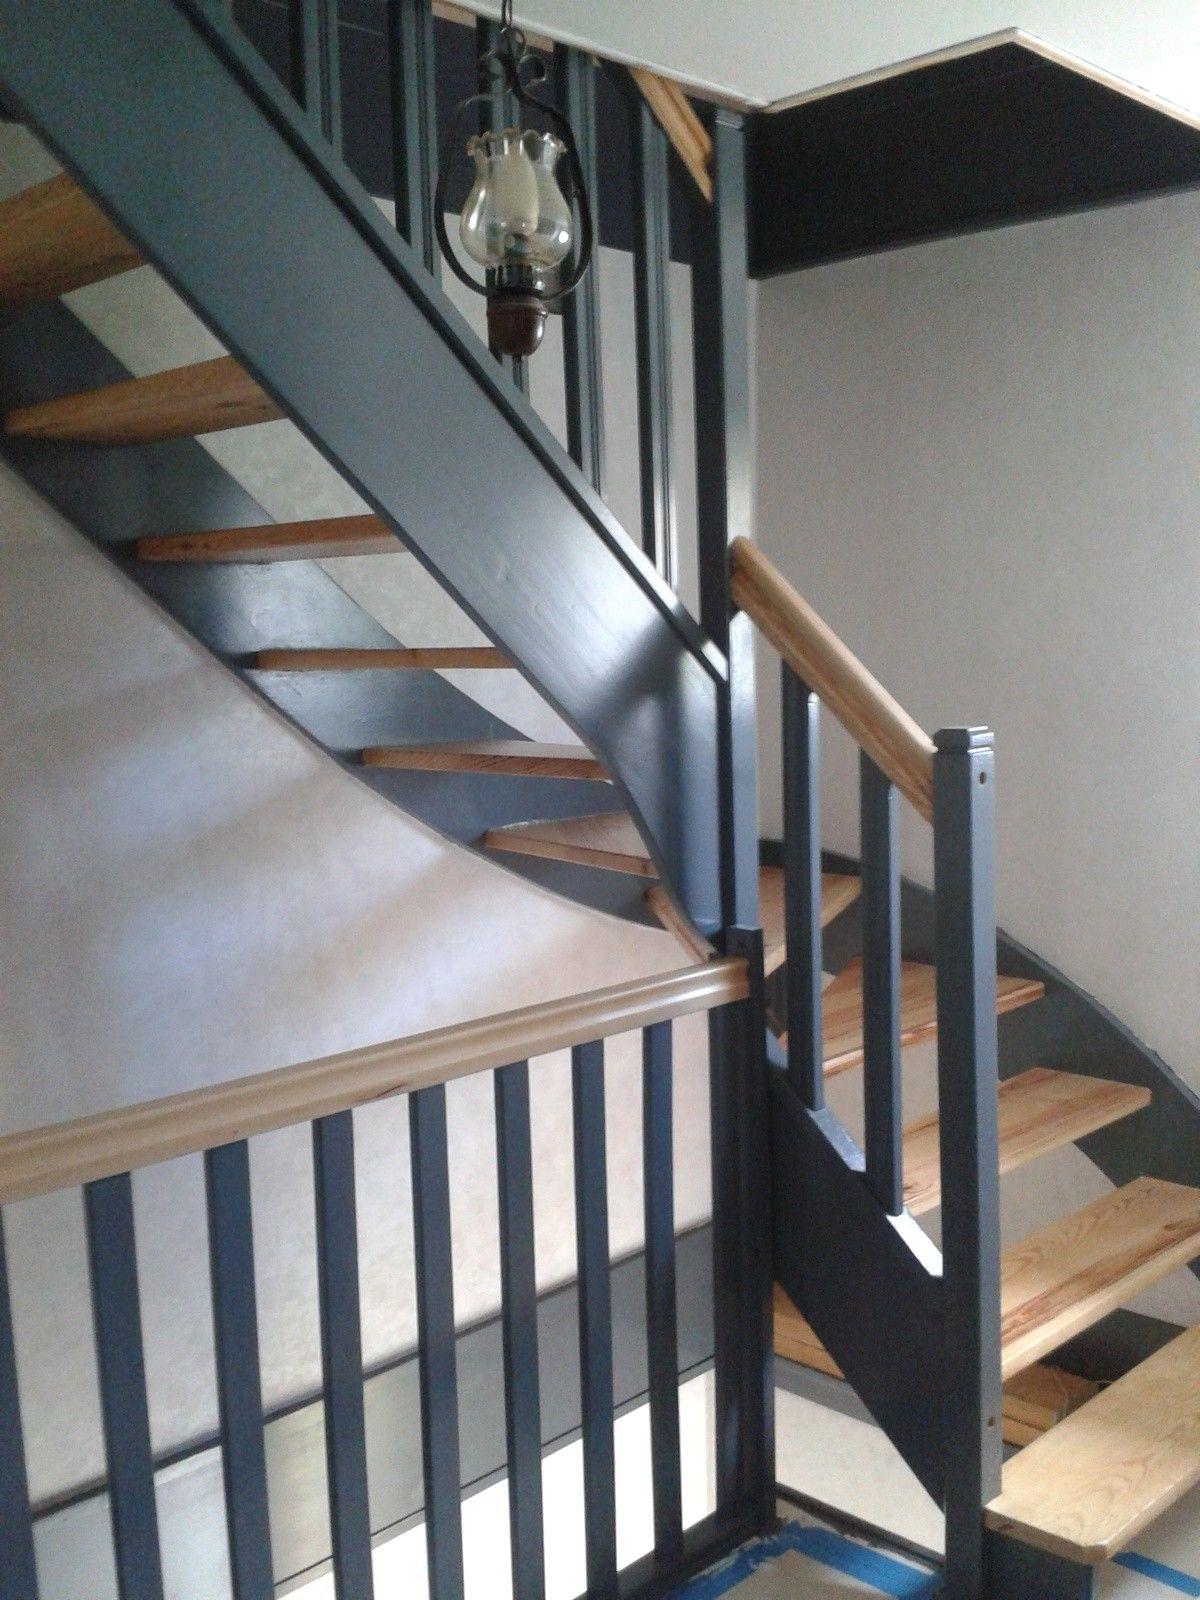 Escalier Peint 2 Couleurs Belle Maison Design Tarzx Com Et Escalier En Bois Peint Avec Enchanteur Escalier P Peindre Escalier Bois Escalier Bois Escalier Peint